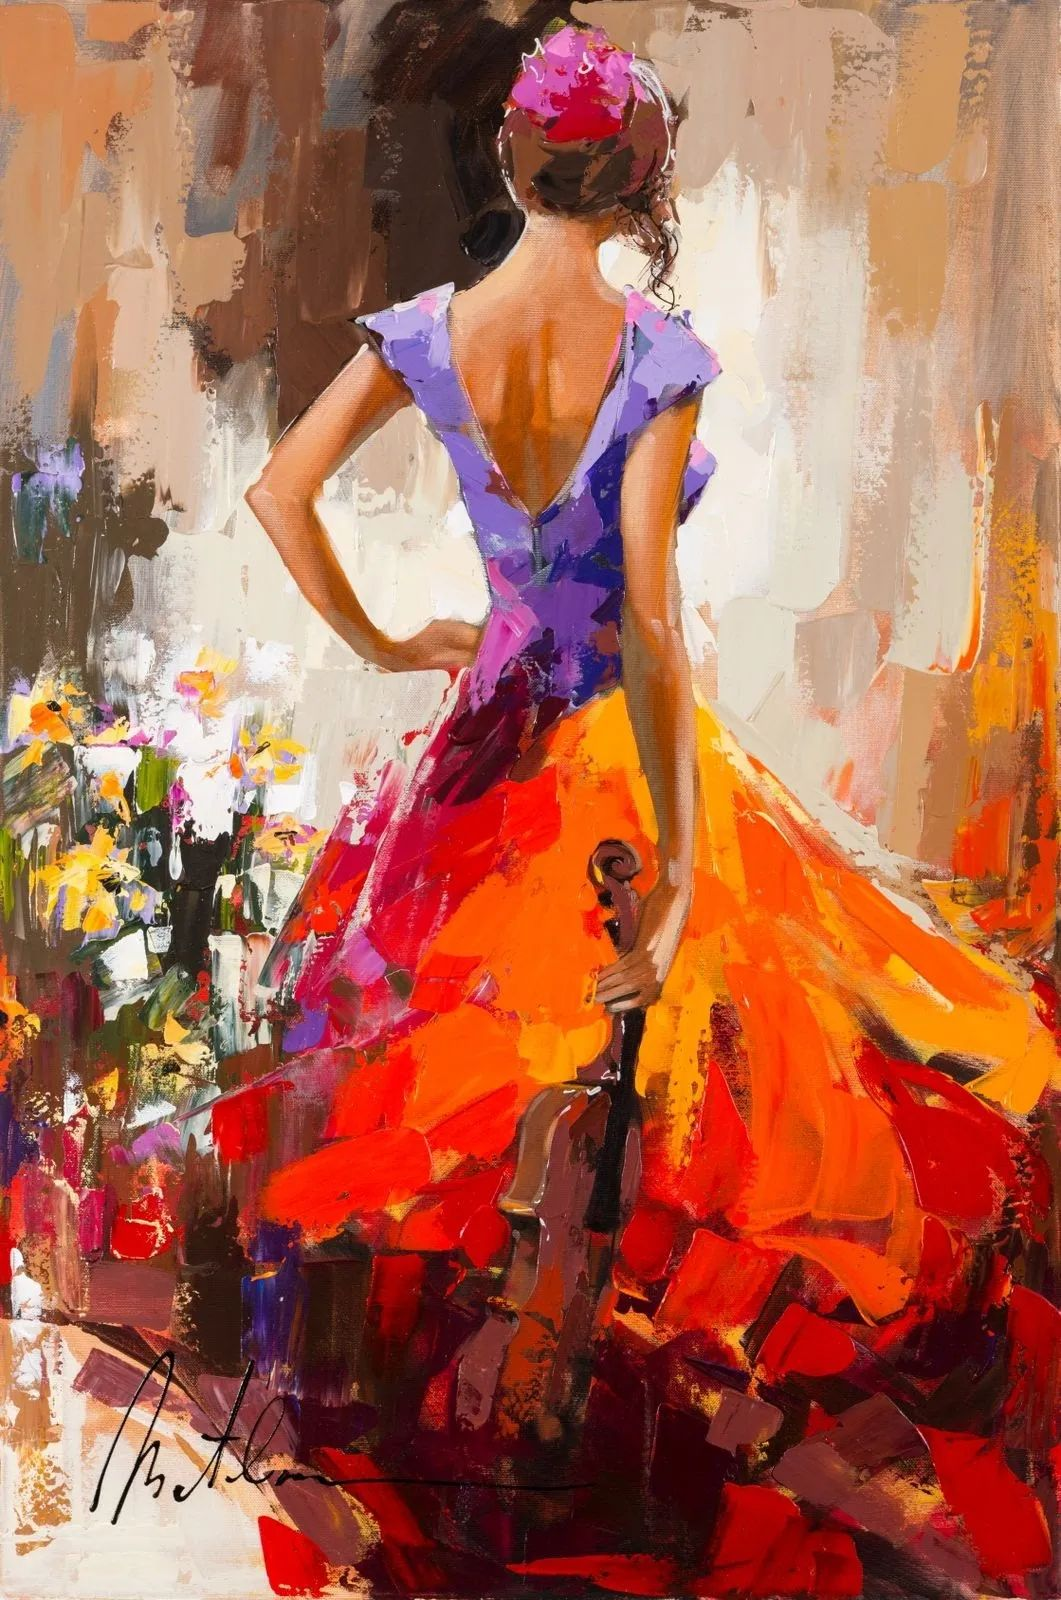 捕捉舞者的瞬间,色彩丰富表现力强!乌克兰画家阿纳托利·梅特兰插图17